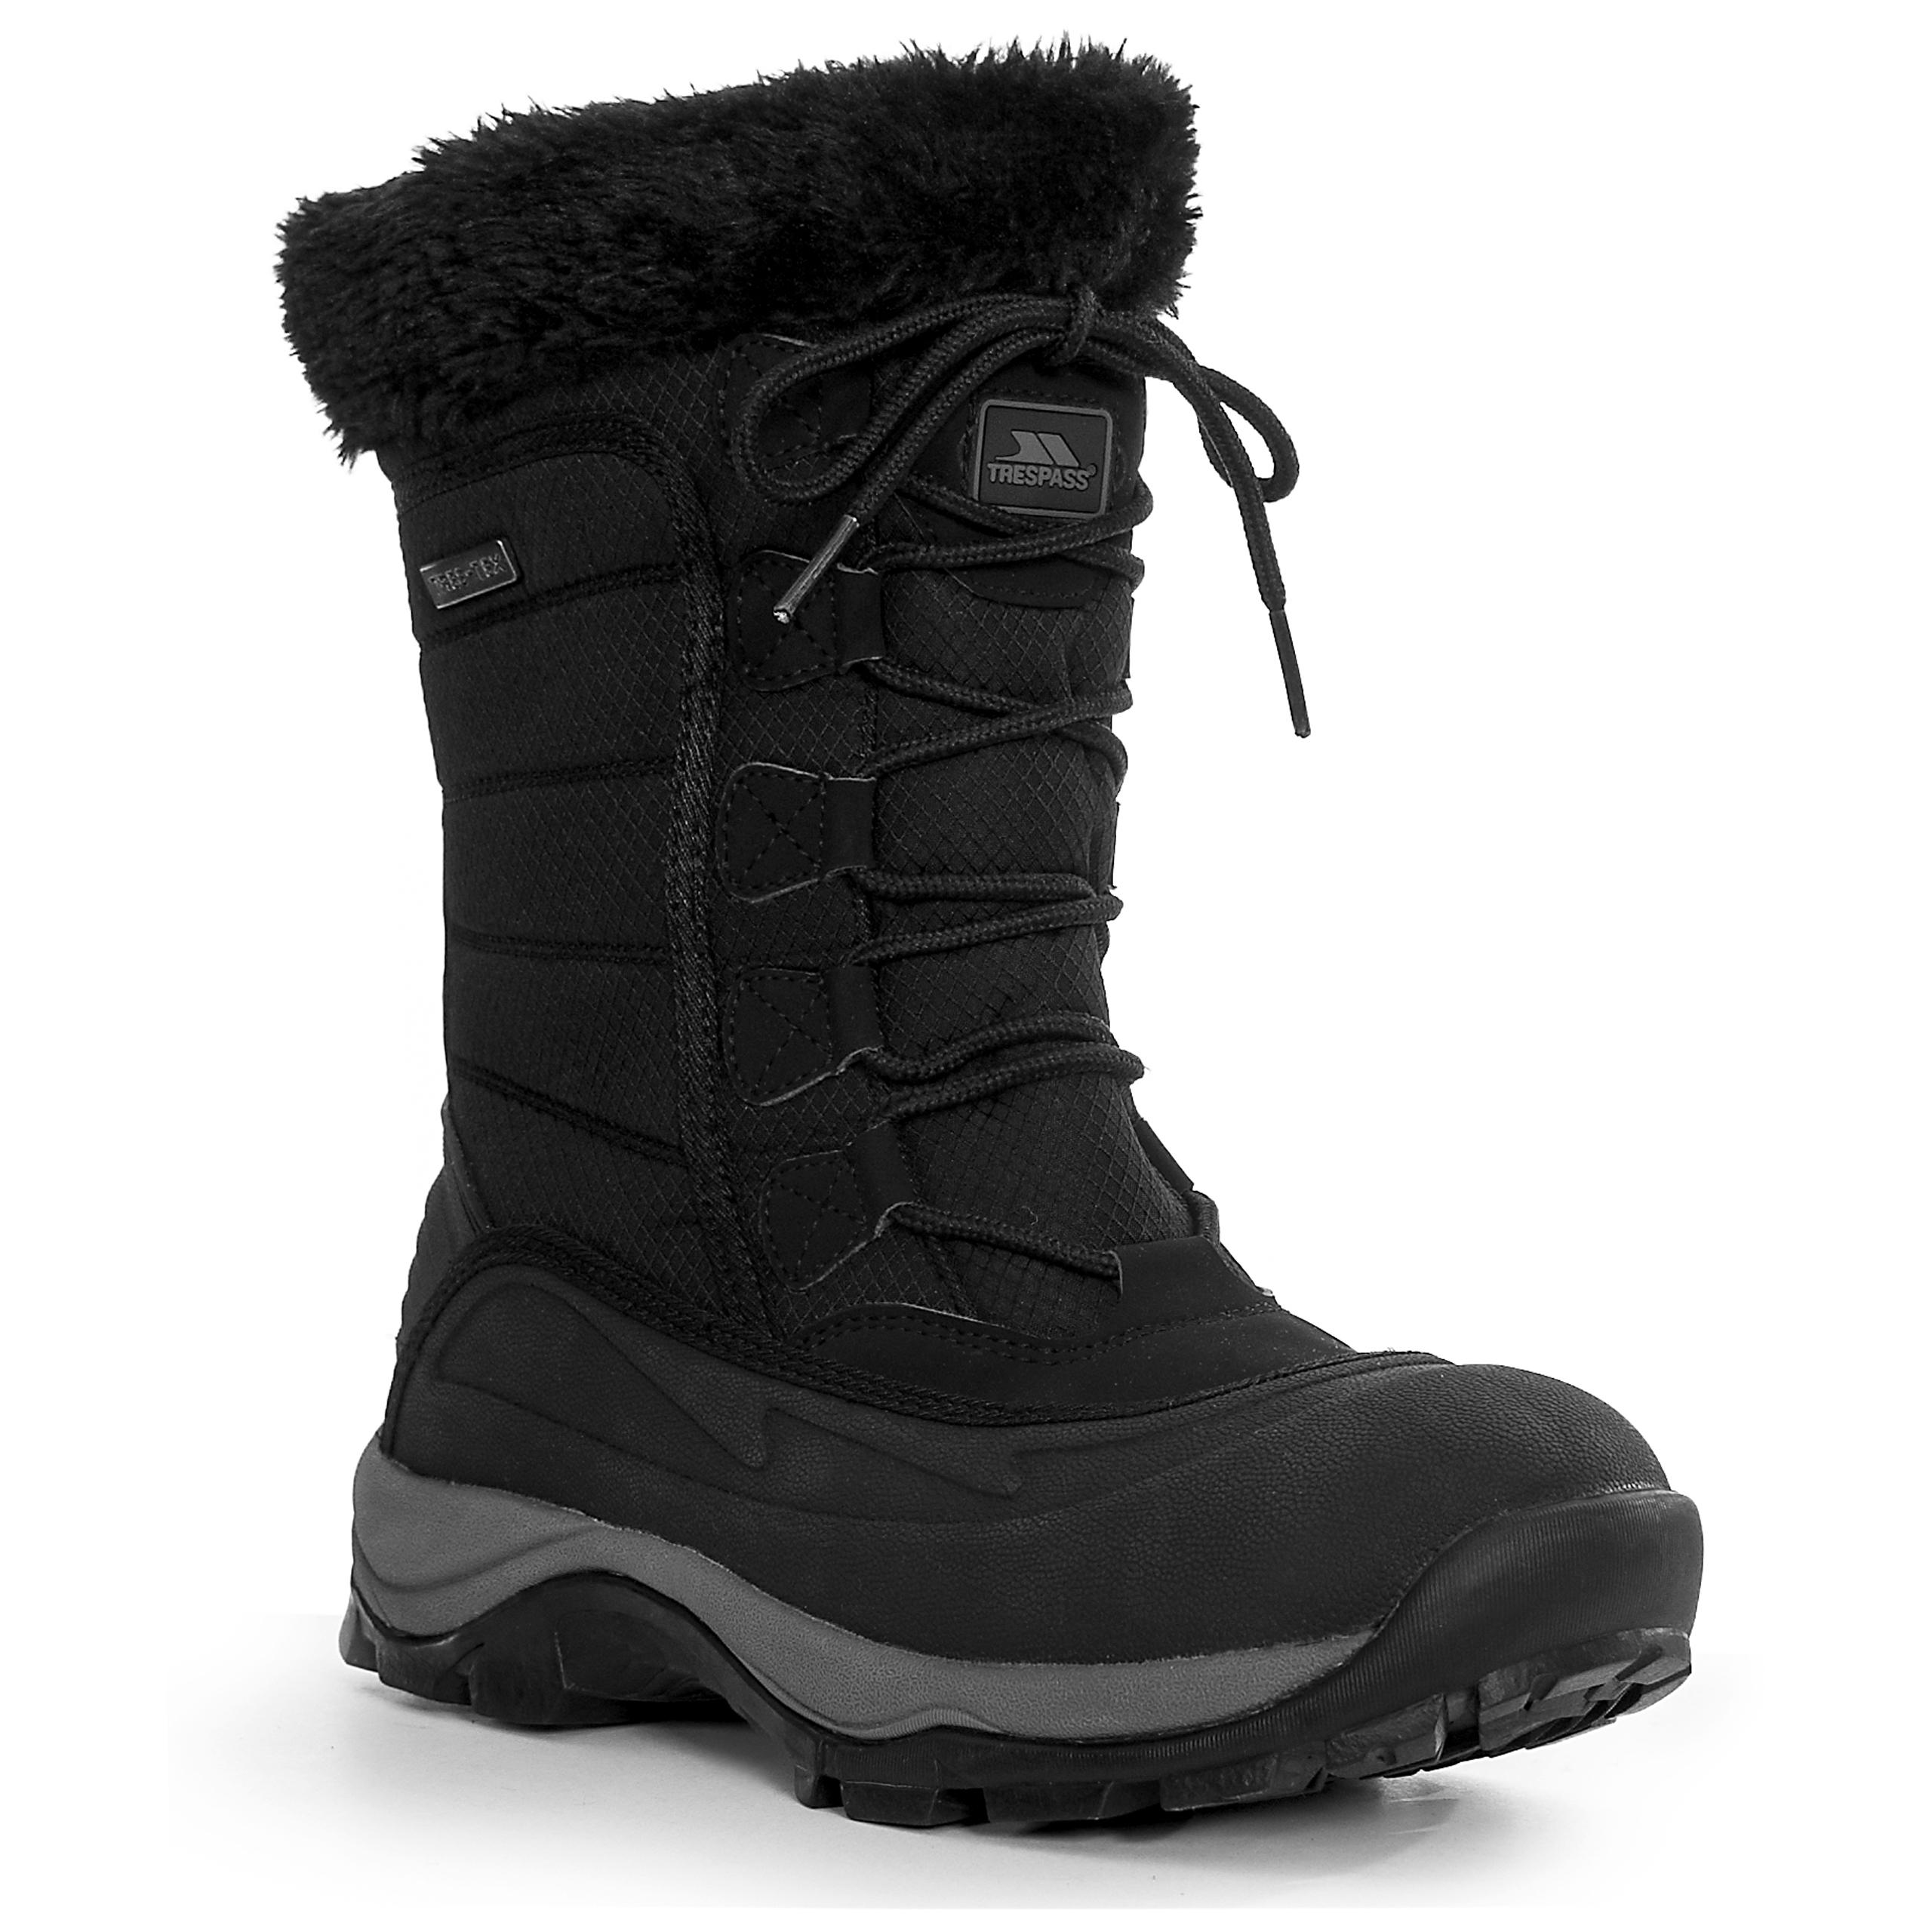 trespass stalagmite bottes de neige chaudes et coupe pluie pour femme ebay. Black Bedroom Furniture Sets. Home Design Ideas